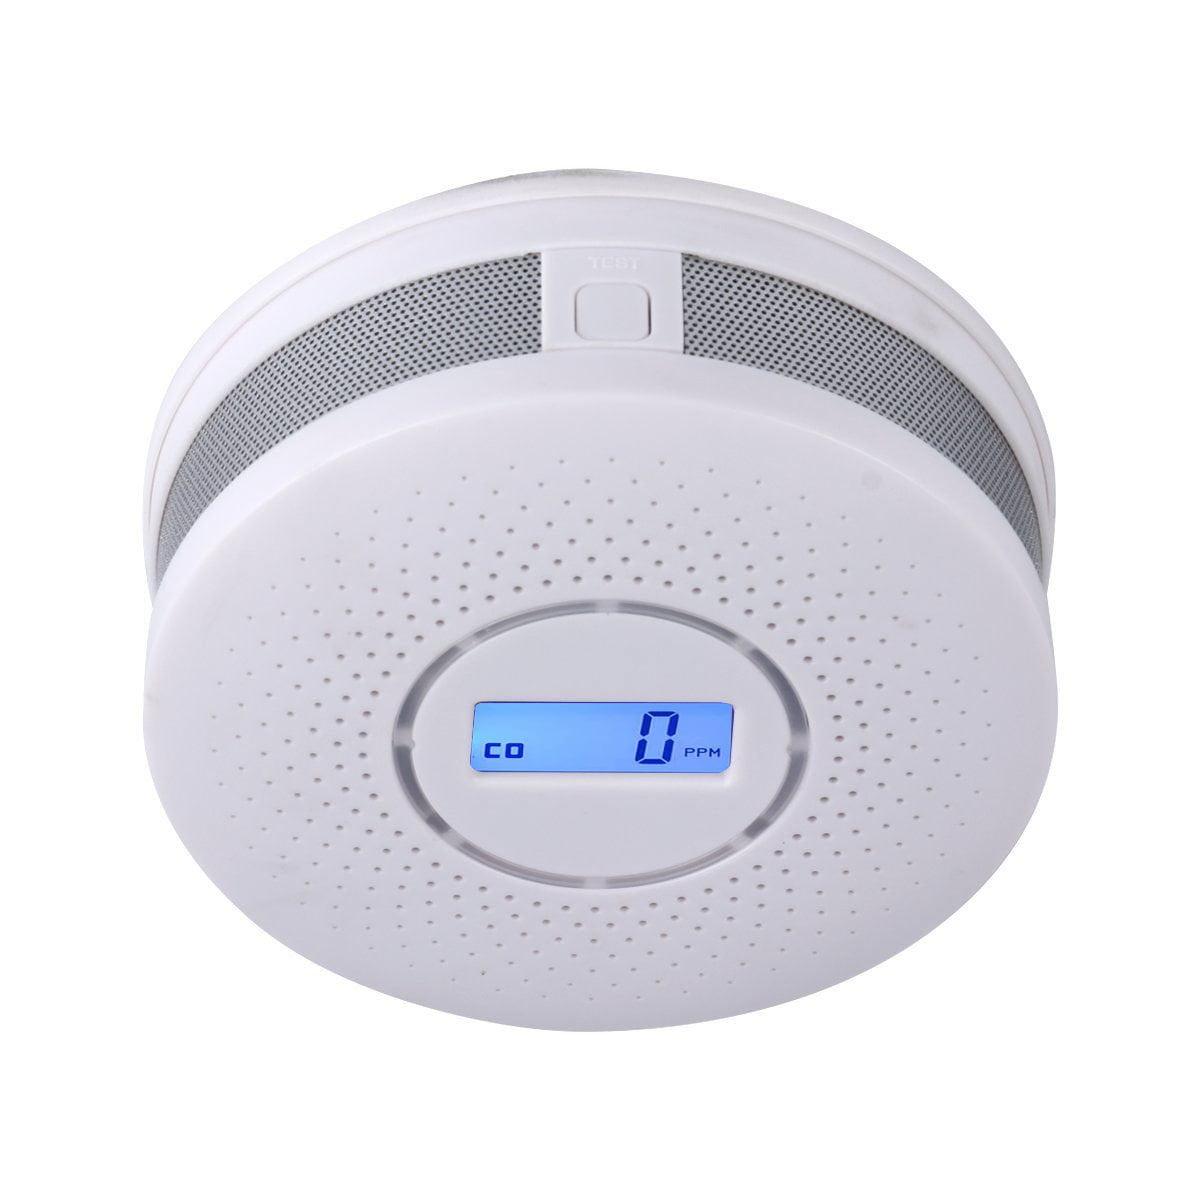 Feelglad Combination Carbon Monoxide Smoke Detector Battery